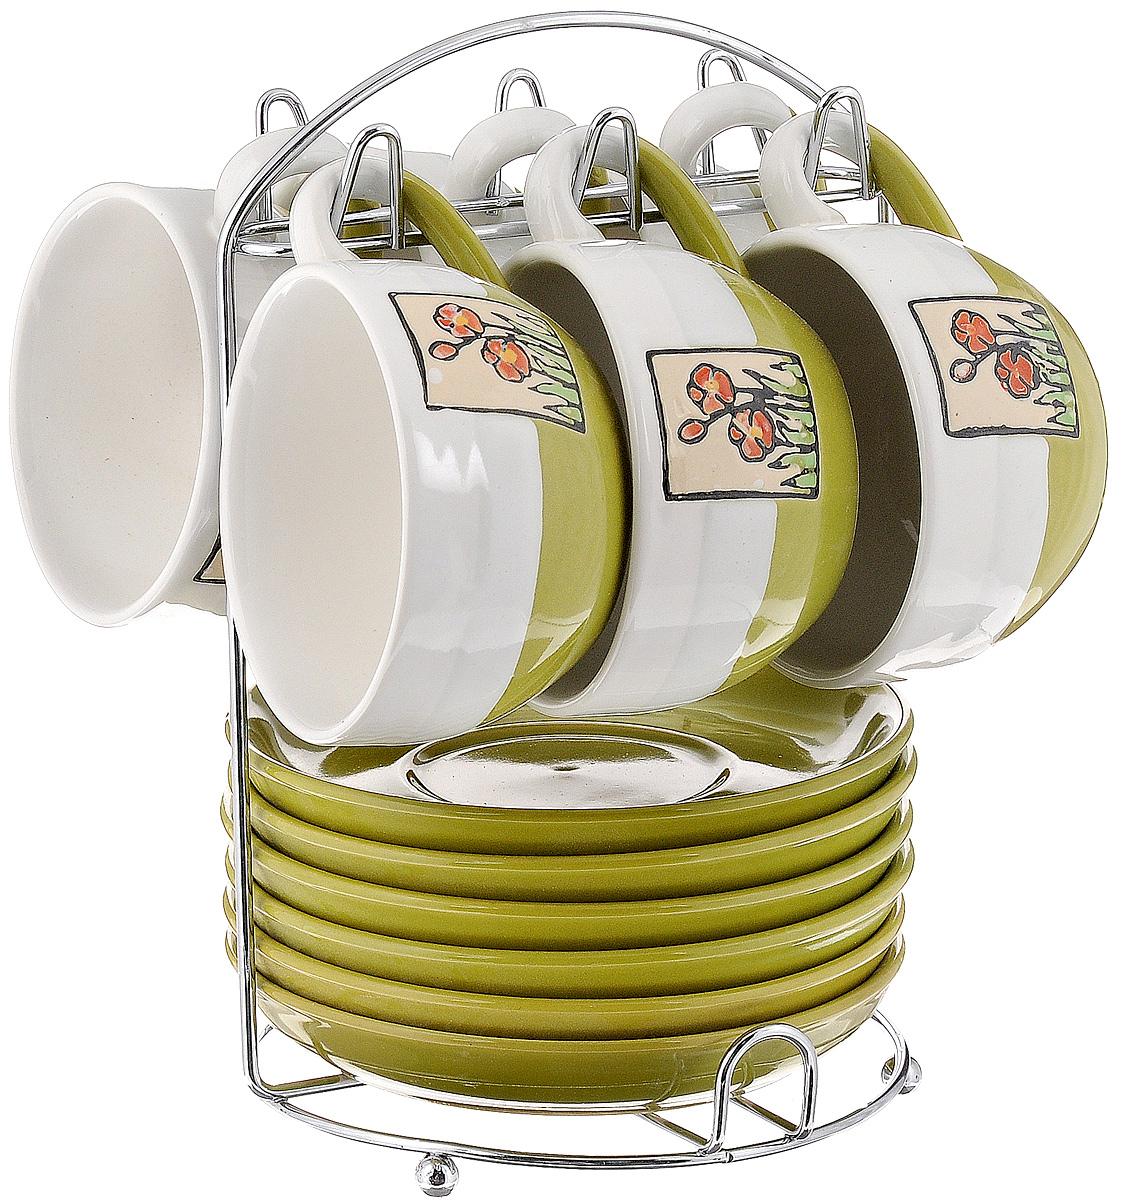 Набор чайный Calve. Маки, на подставке, 13 предметовCL-2022_белый, оливковыйНабор Calve. Маки состоит из шести чашек и шести блюдец, изготовленных из высококачественного фарфора. Чашки оформлены цветочными изображениями. Изделия расположены на металлической подставке. Такой набор подходит для подачи чая или кофе. Изящный дизайн придется по вкусу и ценителям классики, и тем, кто предпочитает утонченность и изысканность. Он настроит на позитивный лад и подарит хорошее настроение с самого утра. Чайный набор Calve. Маки - идеальный и необходимый подарок для вашего дома и для ваших друзей в праздники. Можно мыть в посудомоечной машине. Объем чашки: 220 мл. Диаметр чашки (по верхнему краю): 9,5 см. Высота чашки: 6,3 см. Диаметр блюдца: 14,5 см. Высота блюдца: 2,3 см. Размер подставки: 16,5 х 16 х 22,5 см.